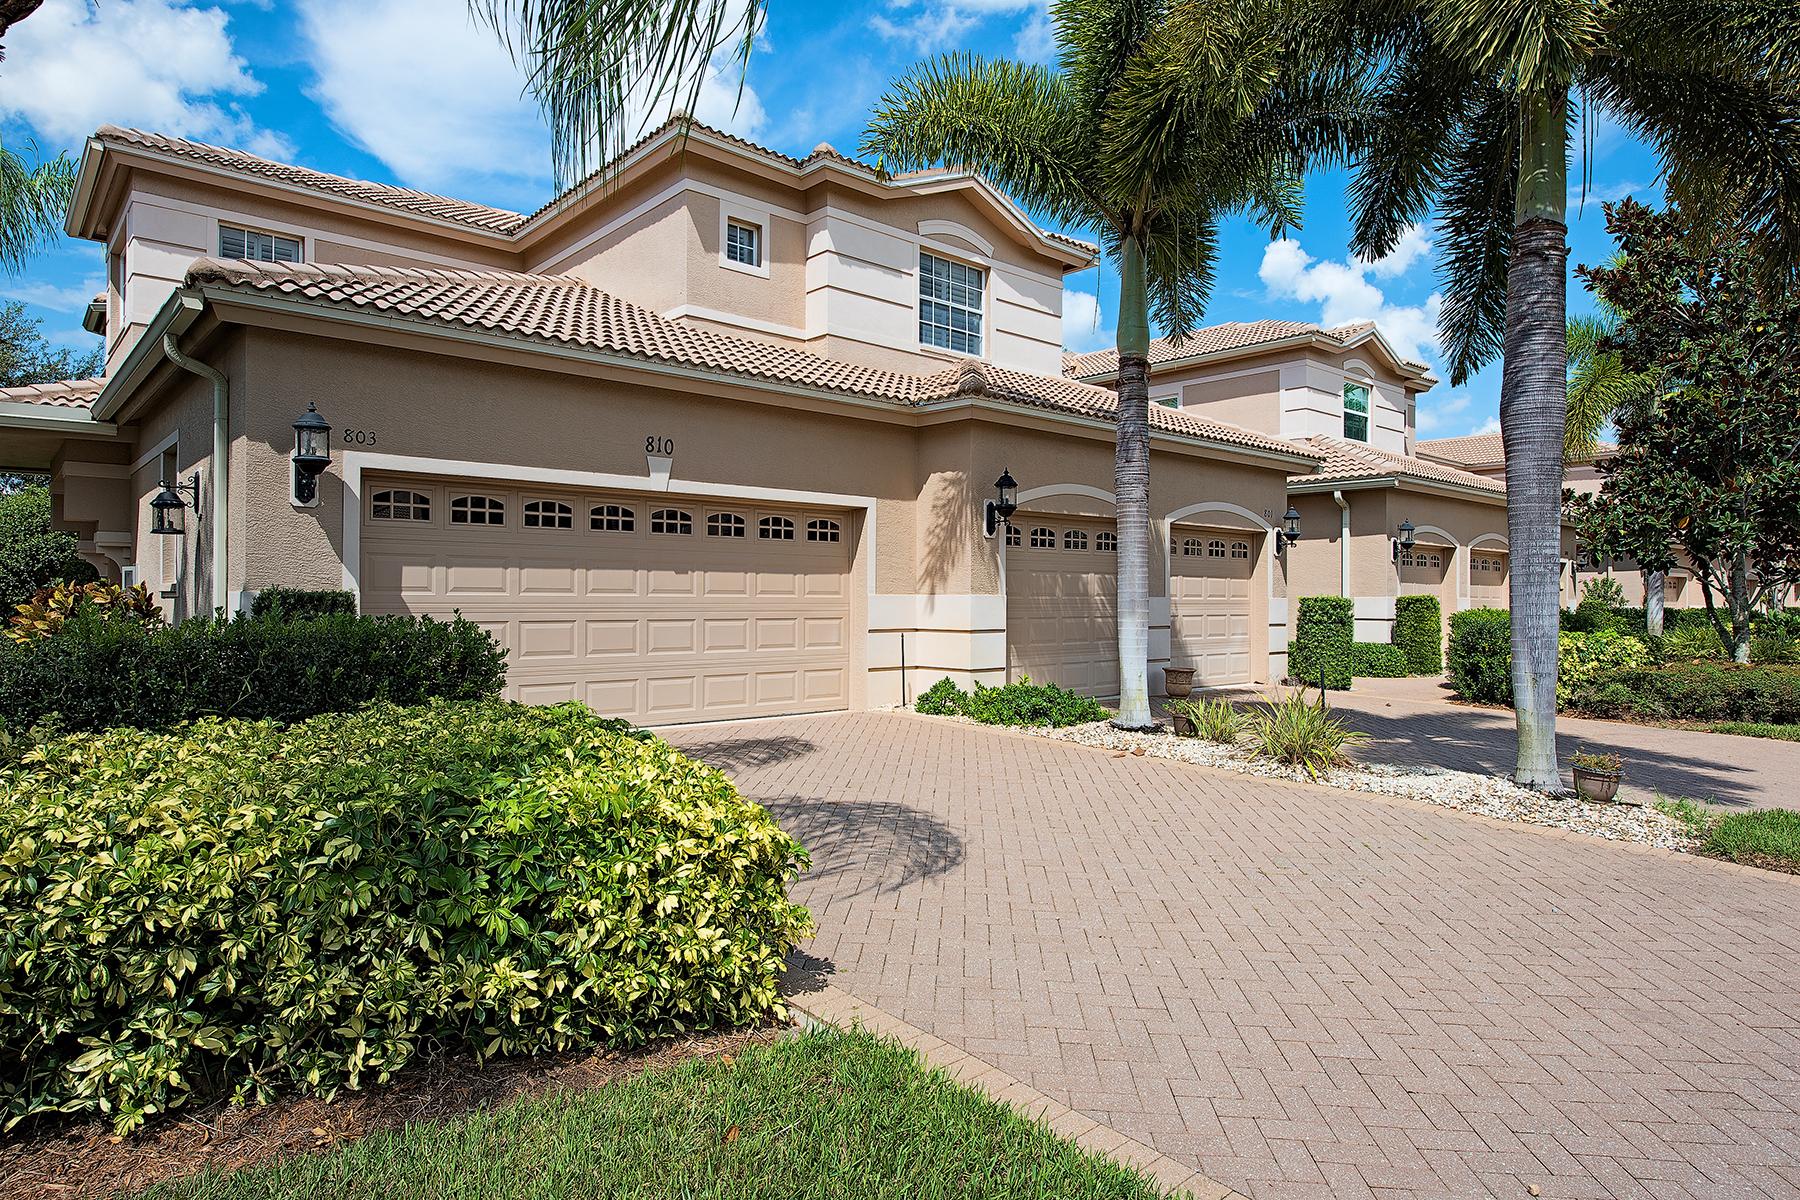 Eigentumswohnung für Verkauf beim VINEYARDS 810 Regency Reserve Cir 803 Naples, Florida 34119 Vereinigte Staaten